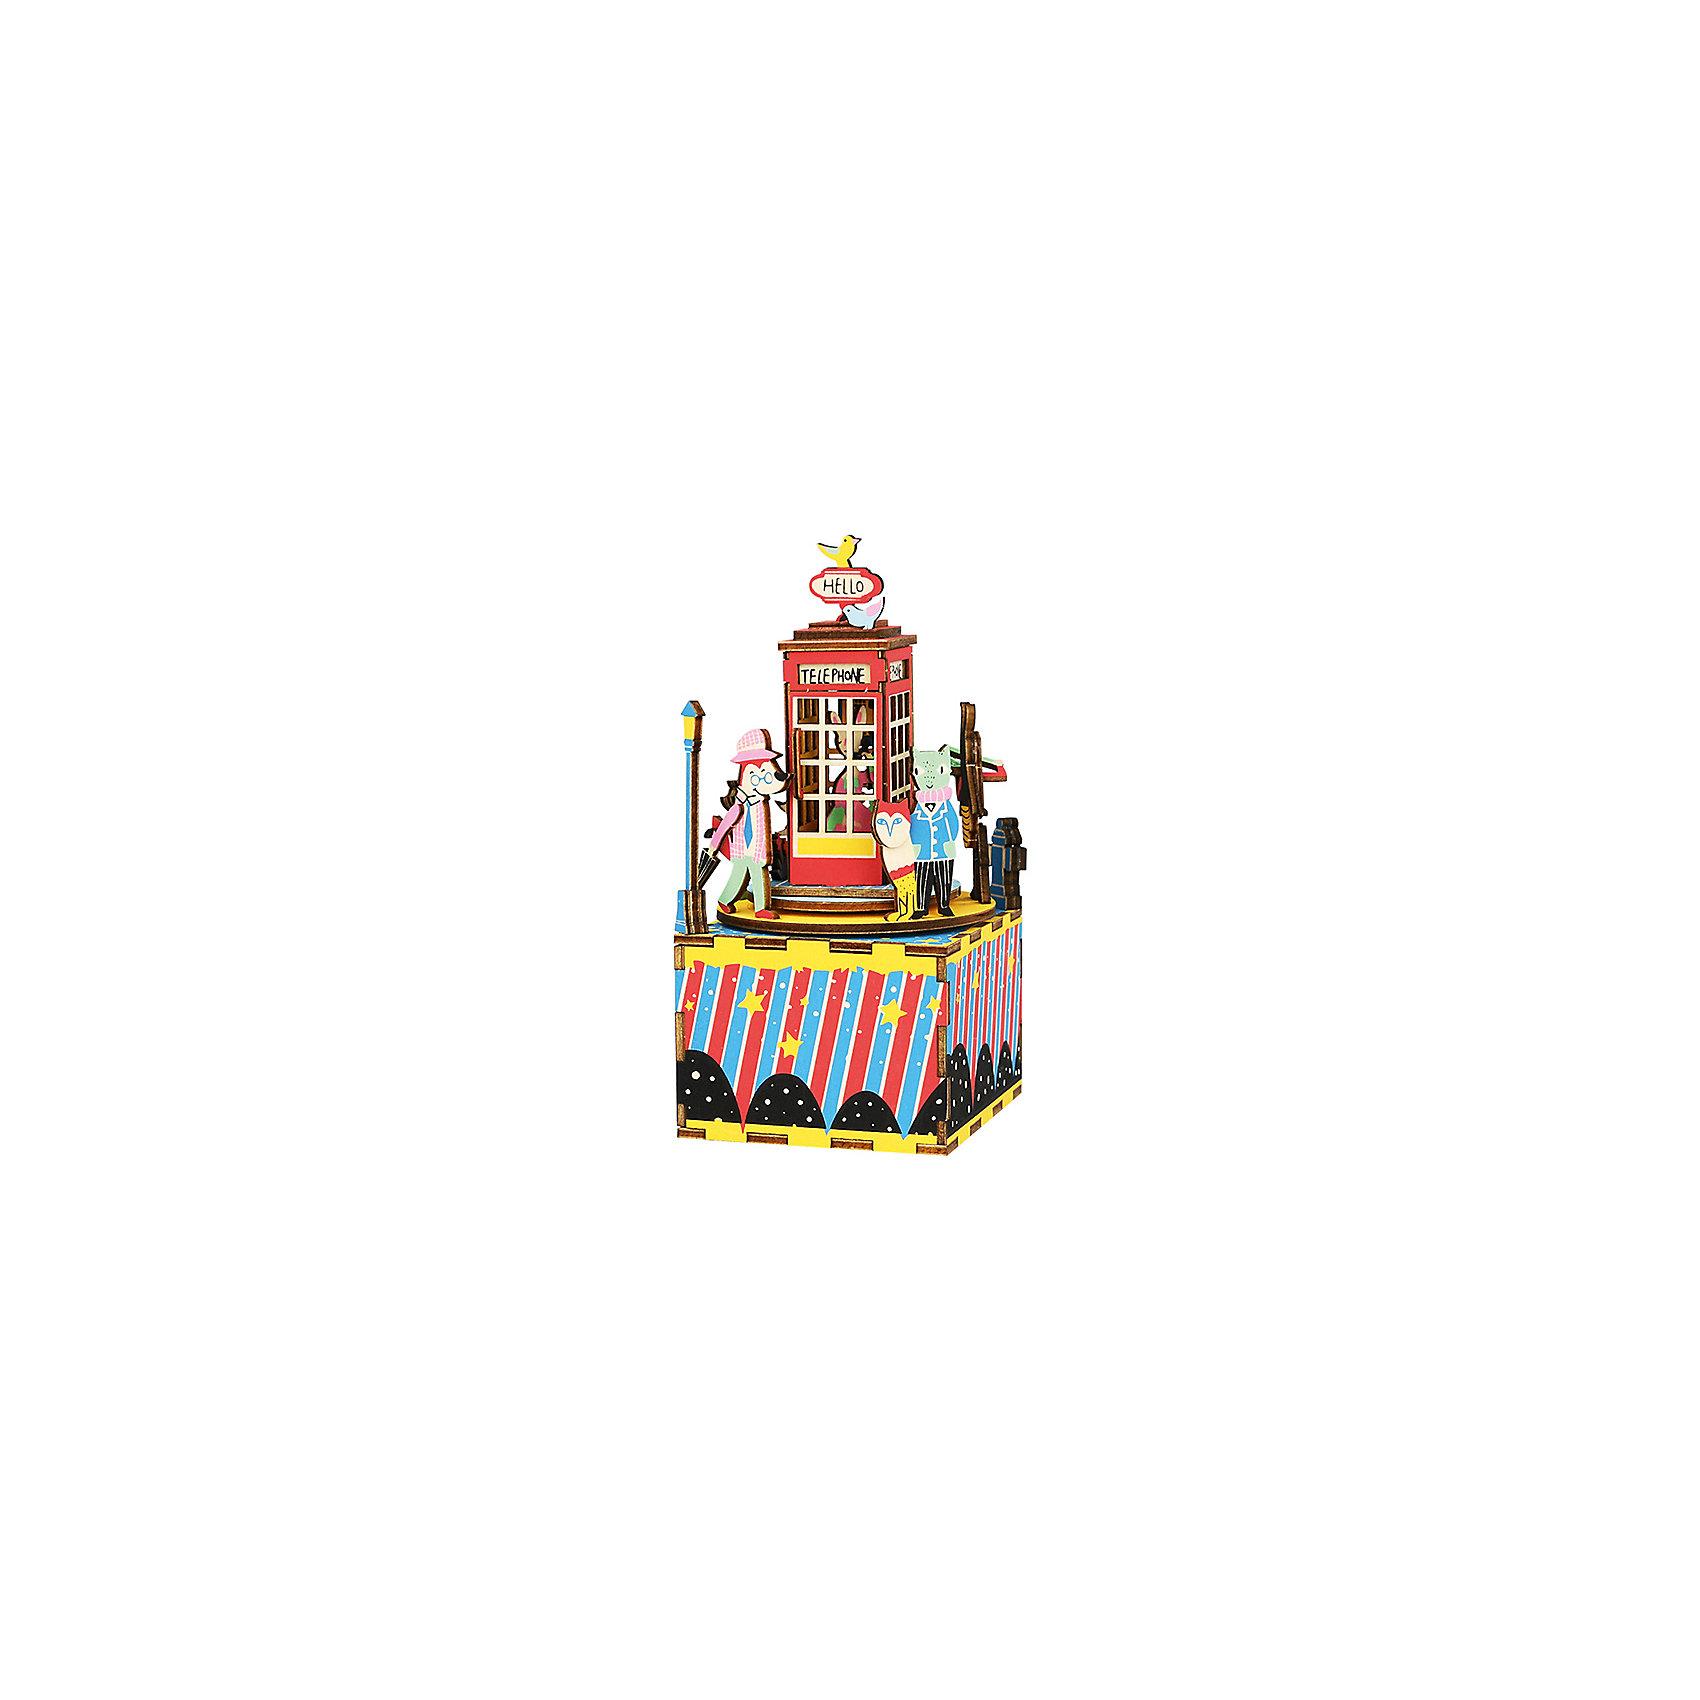 ТМ Цветной | Сборная модель-румбокс Телефонная будка | Clouty